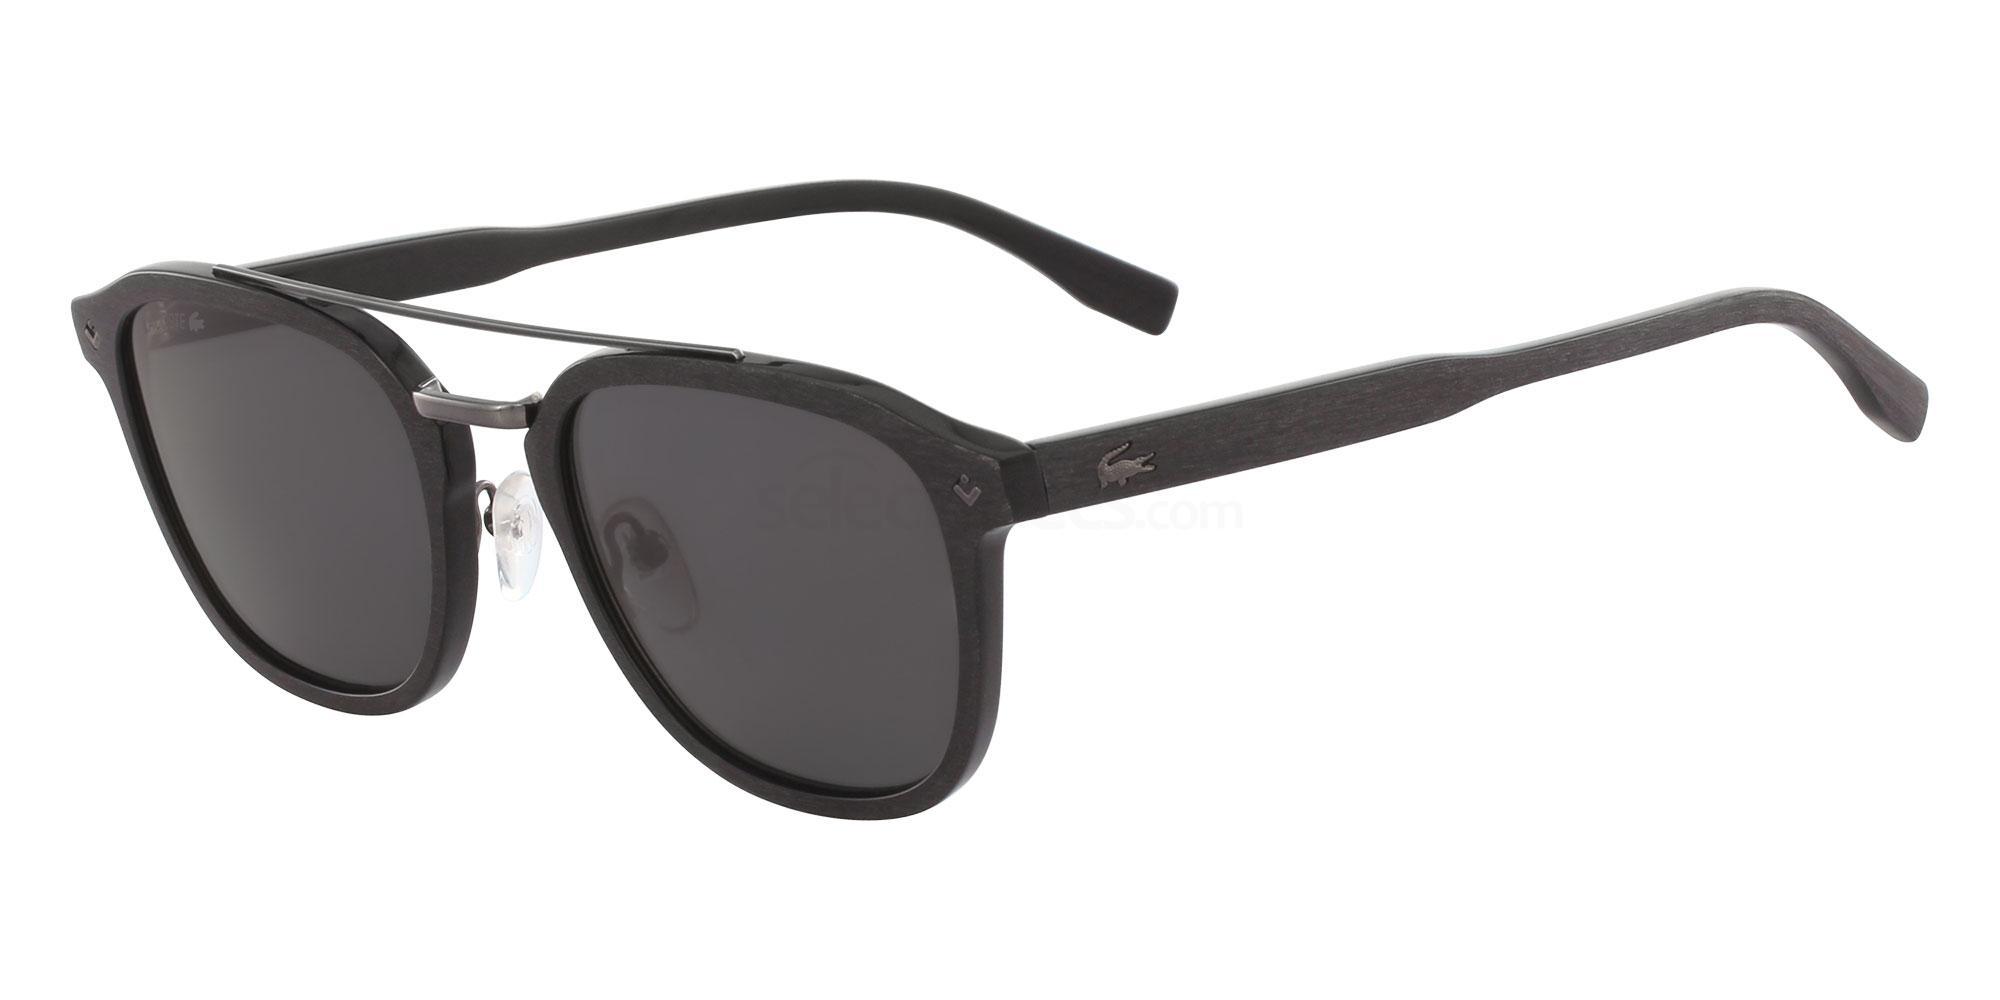 002 L885SPCP Sunglasses, Lacoste